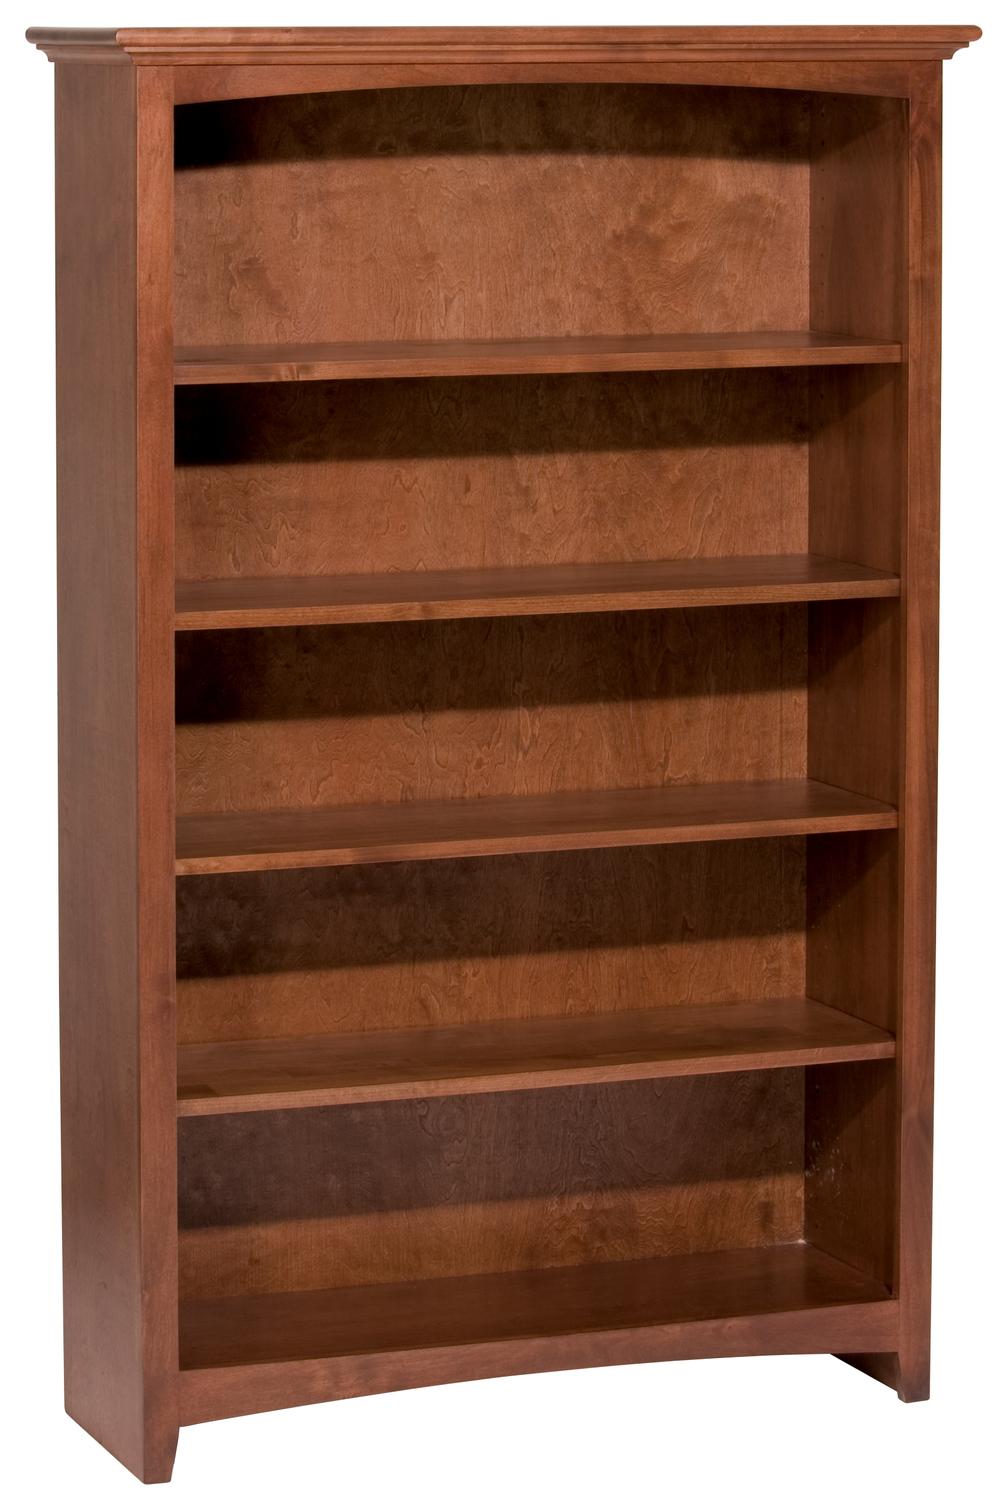 Whittier Wood Furniture - Alder Bookcase